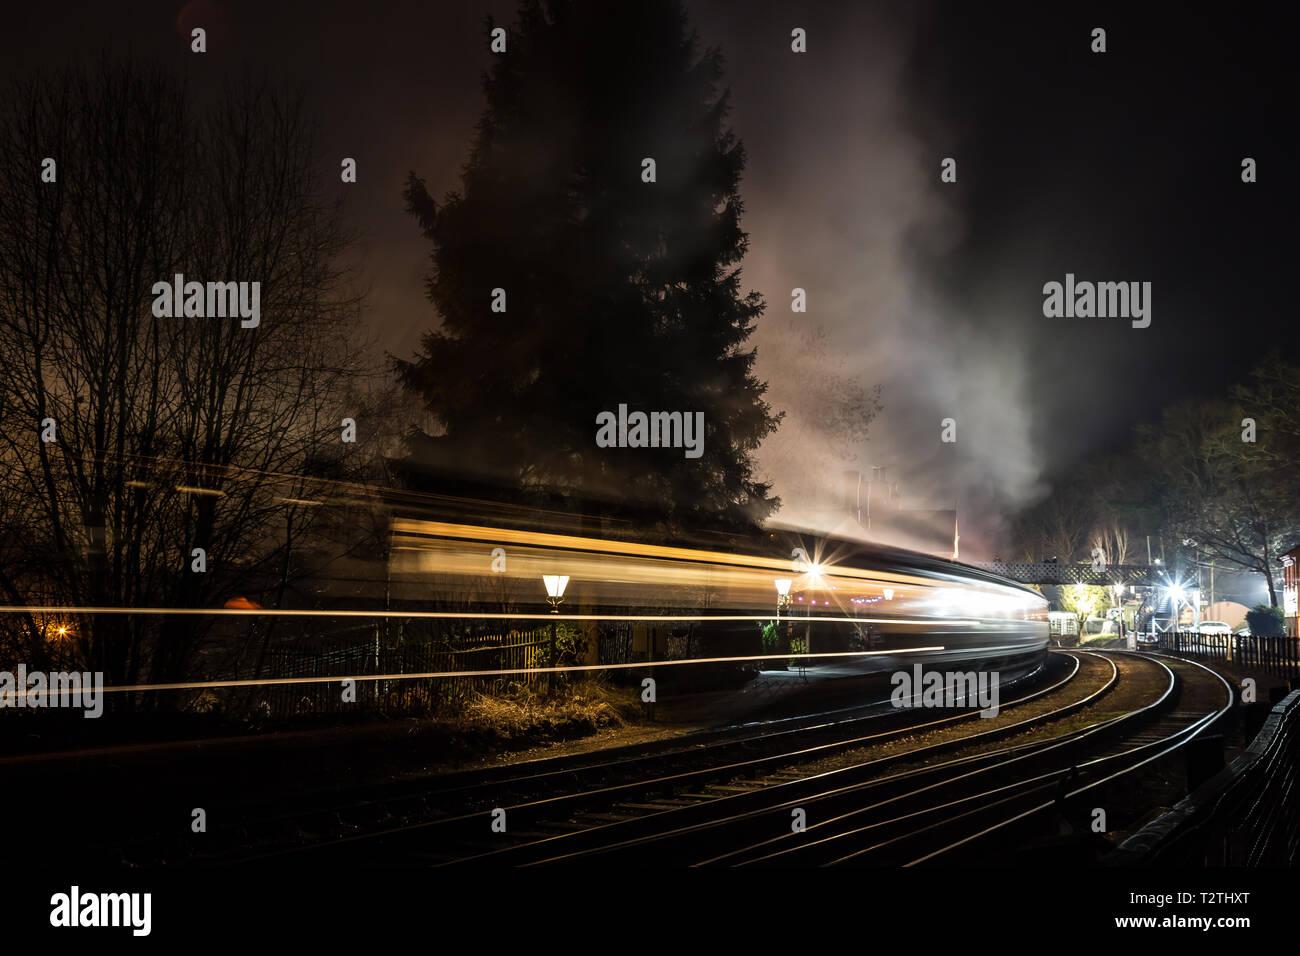 Train à vapeur et voitures qui se déplacent dans l'atmosphère et traversent la gare d'époque la nuit dans l'obscurité. Flou de mouvement rapide. Vitesse de concept. Banque D'Images